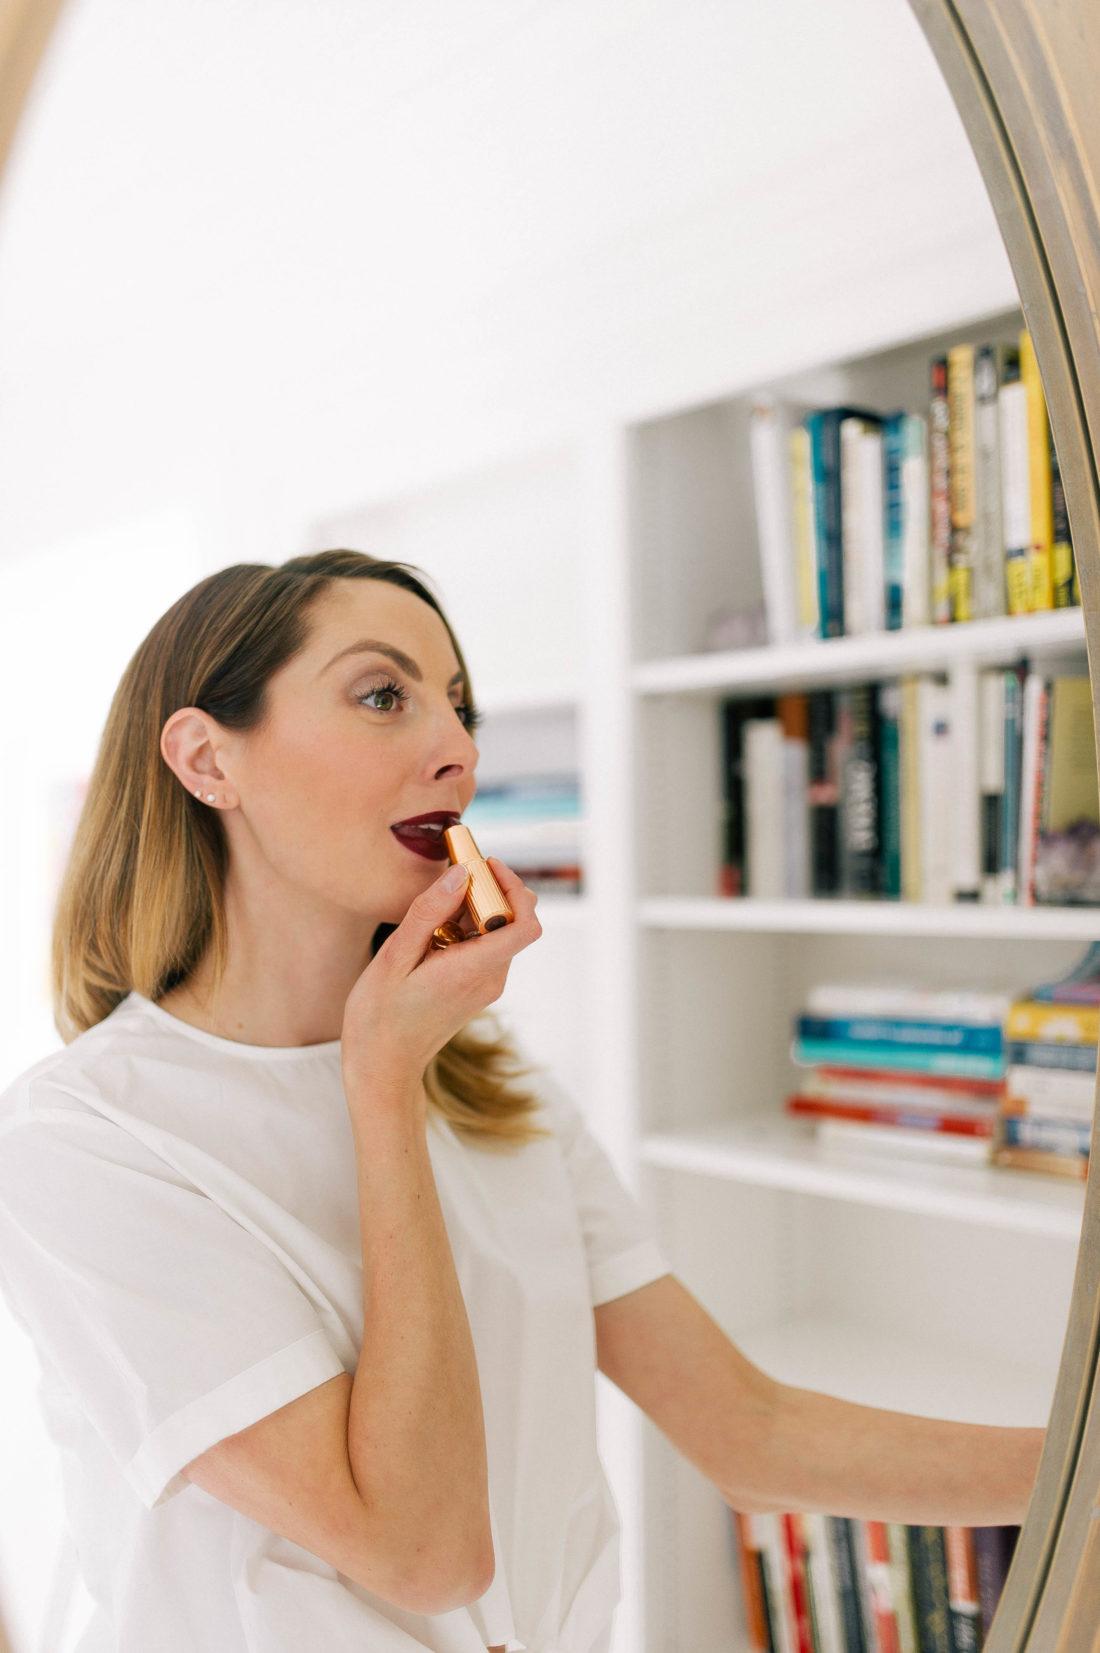 Eva Amurri Martino applies a deep red shade of lipstick